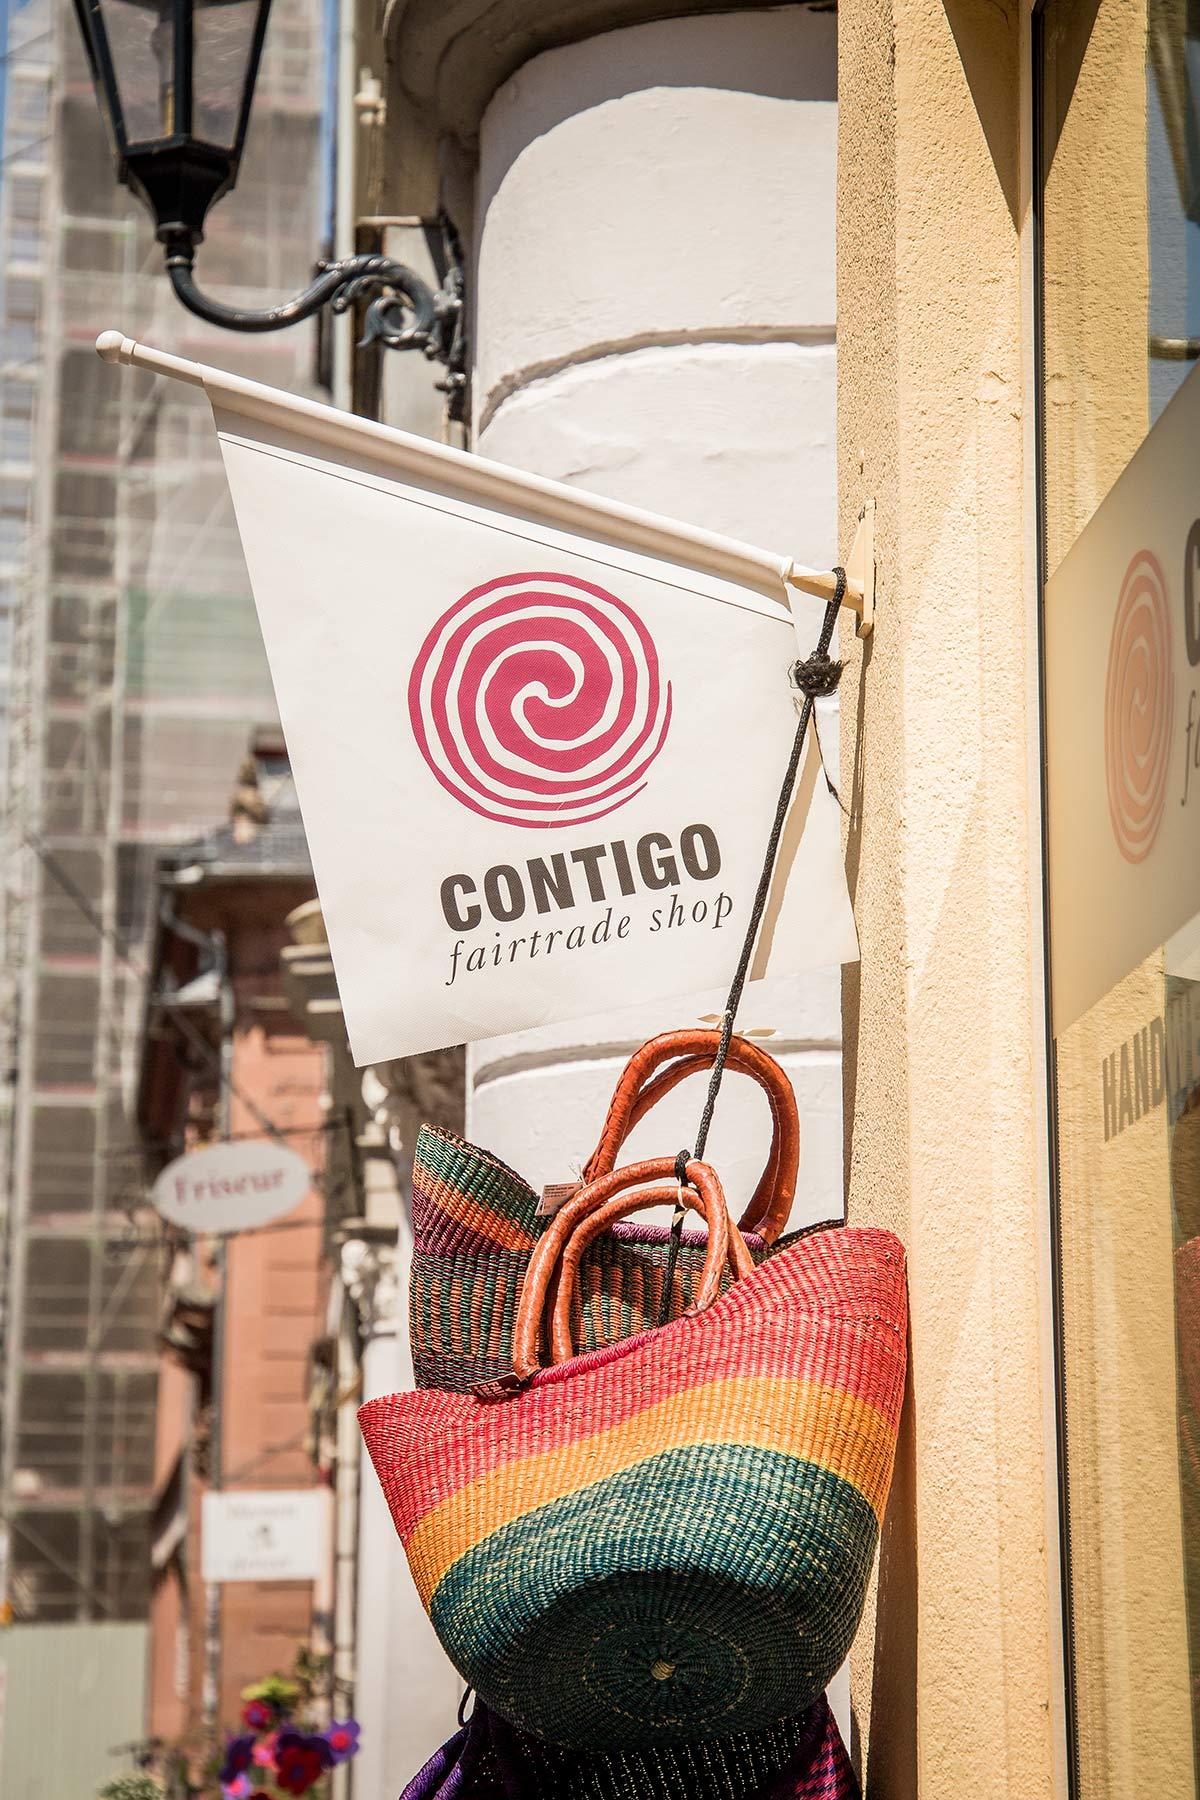 Contigo Fair Trade Shop in Mainz